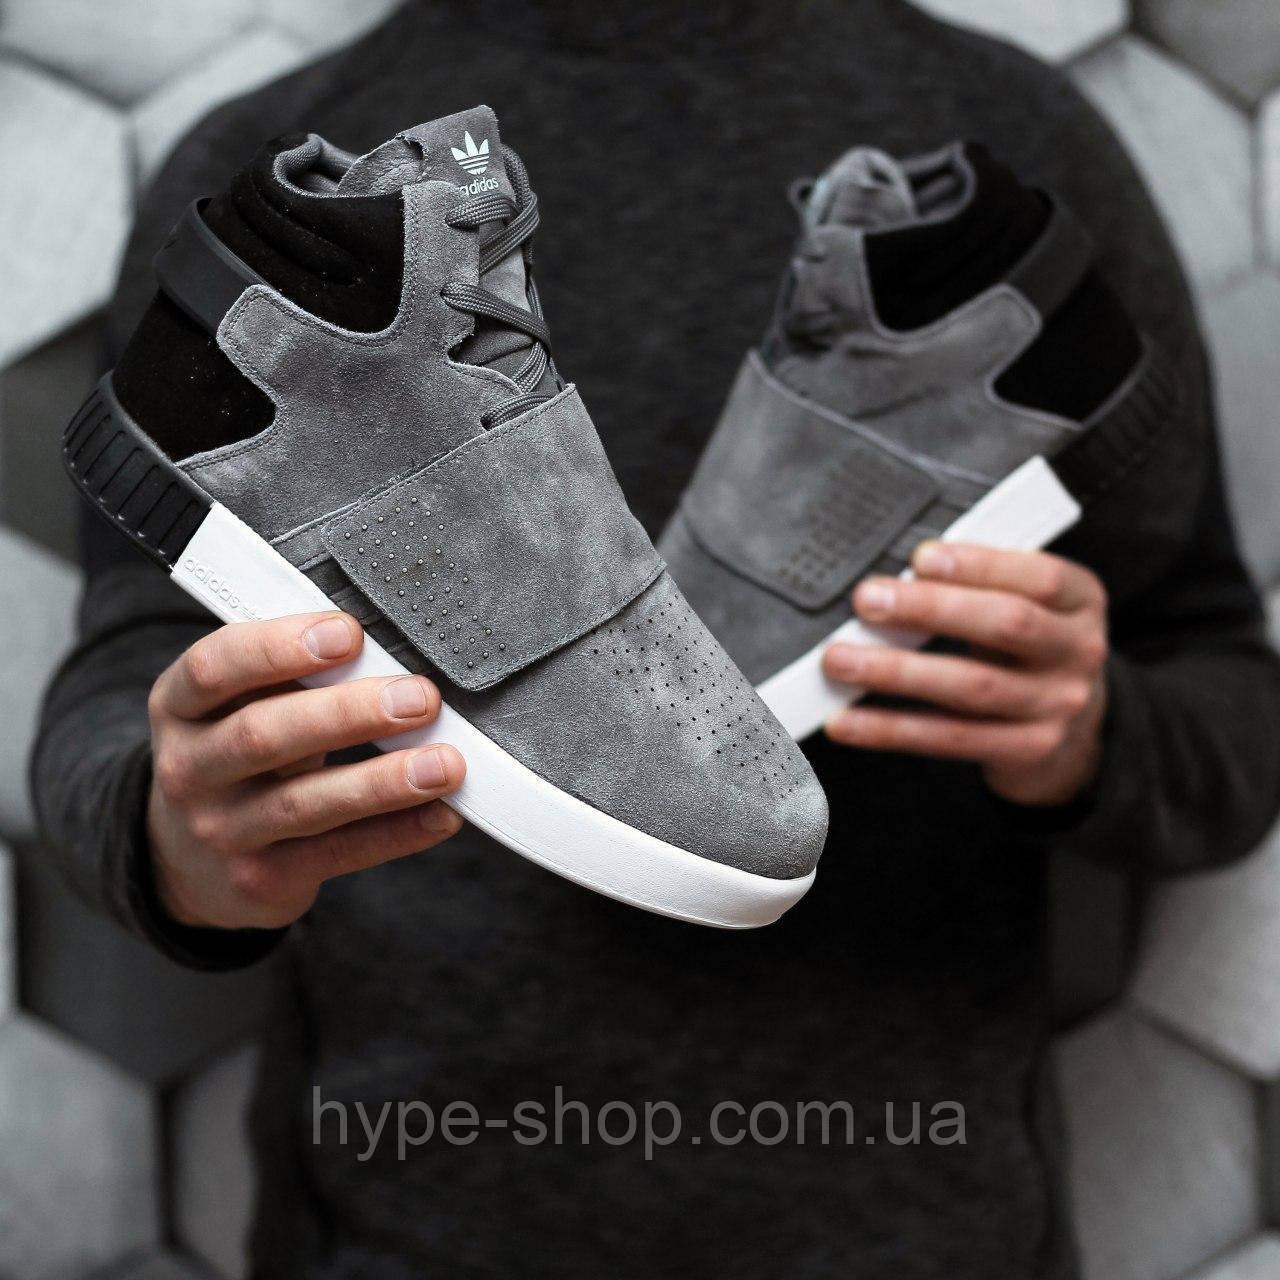 Зимние кроссовки Adidas Tubular серый реплика